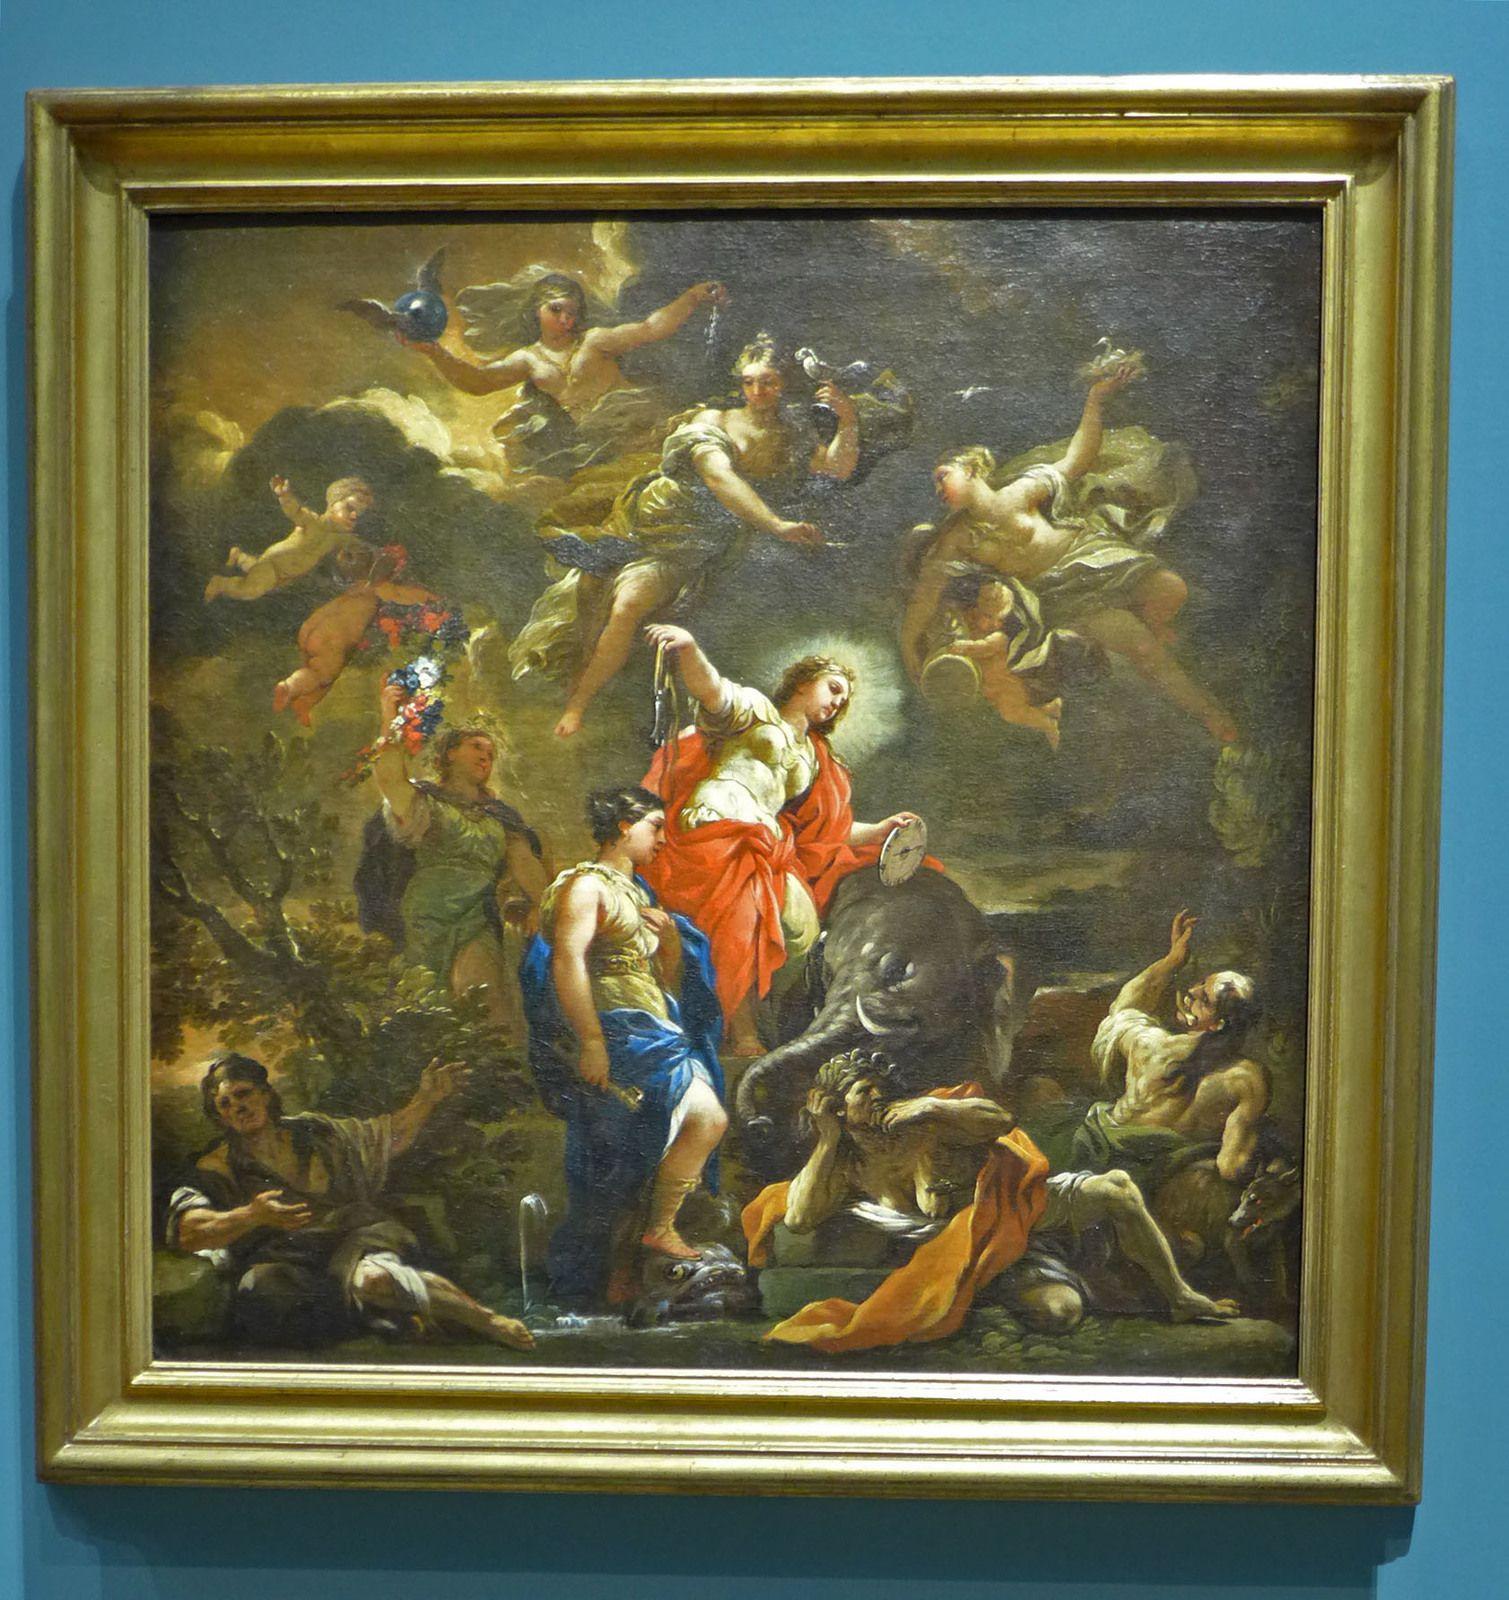 Allégorie de la tempérance (vers 1685), huile sur toile. Paris, collection privée.